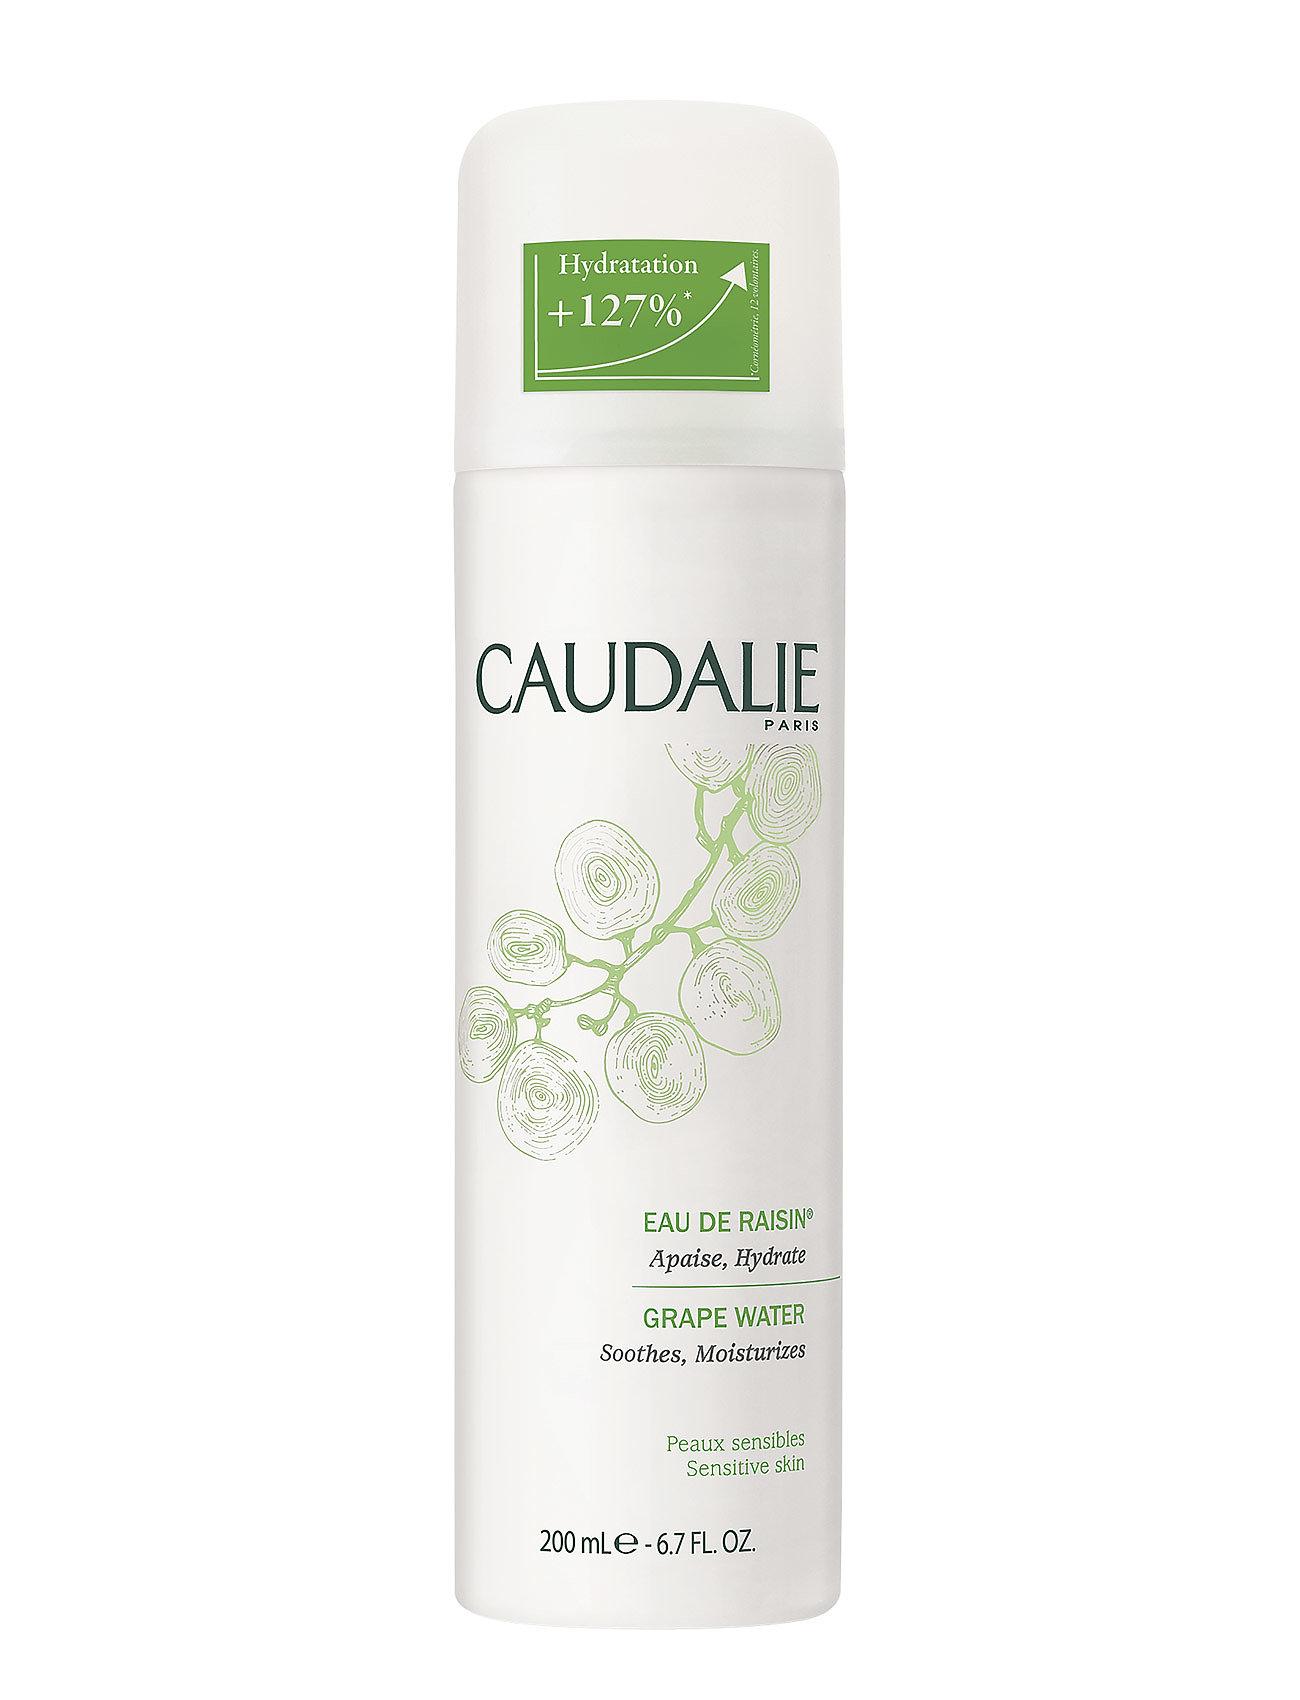 CAUDALIE Grape Water - CLEAR